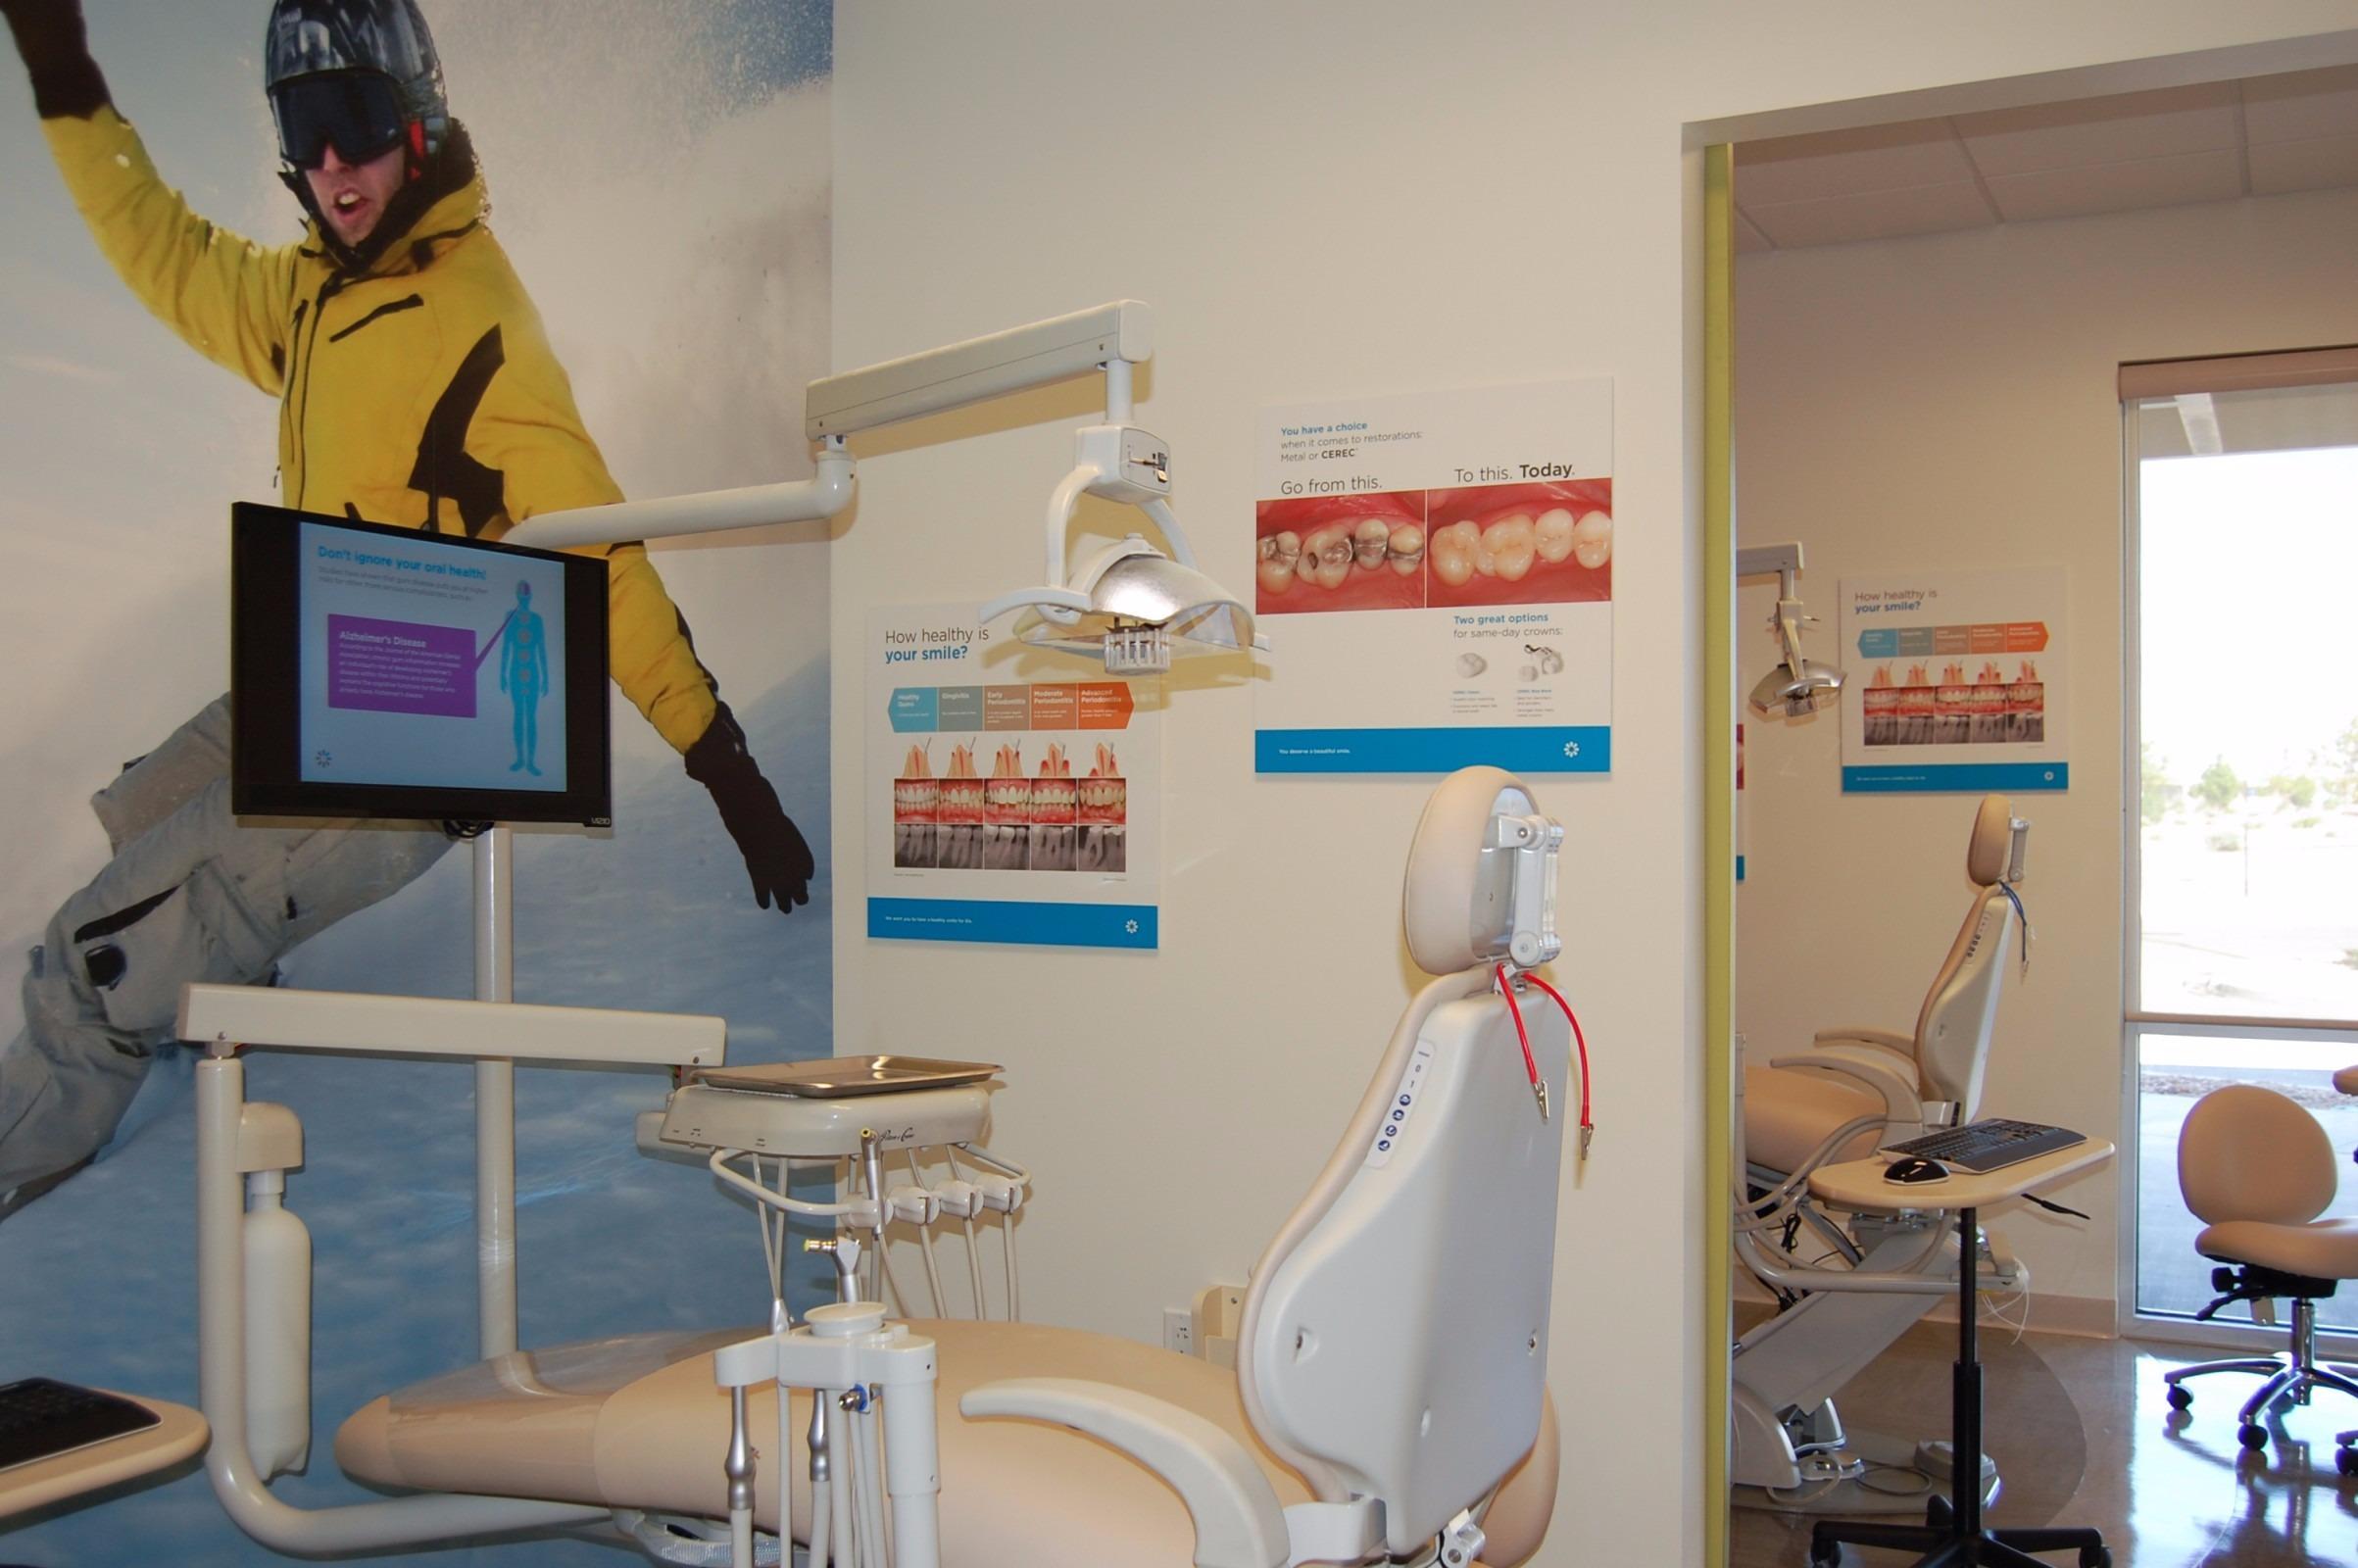 Santa Fe Dentist Office image 5